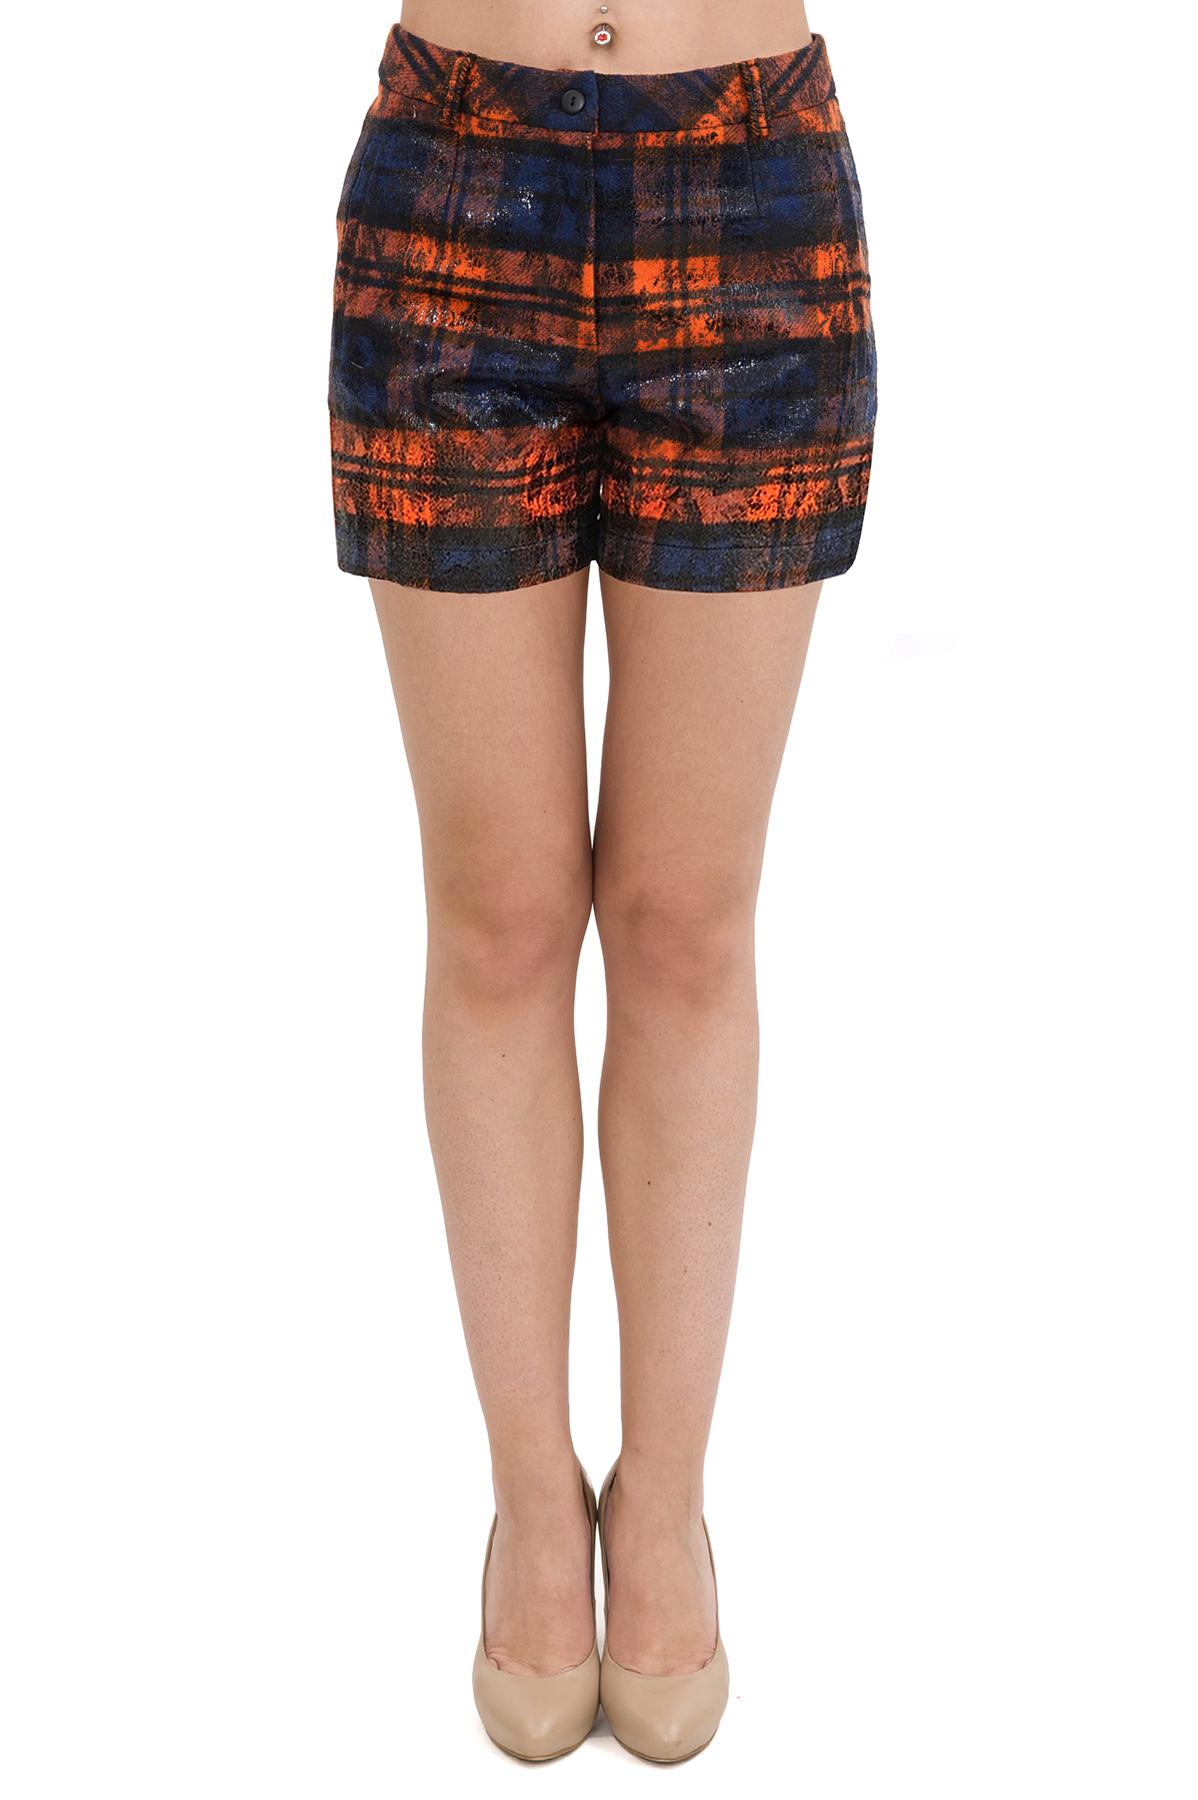 ШортыЖенские юбки и брюки<br>Великолепные шорты из шерсти с застежкой на молнию и пуговицу. Великолепное изделие разнообразит Ваш осенне-зимний гардероб.<br><br>Цвет: черный,оранжевый<br>Состав: 70% шерсть, 20% полиэстер, 10% акрил<br>Размер: 40,42,44,46,48<br>Страна дизайна: Россия<br>Страна производства: Россия